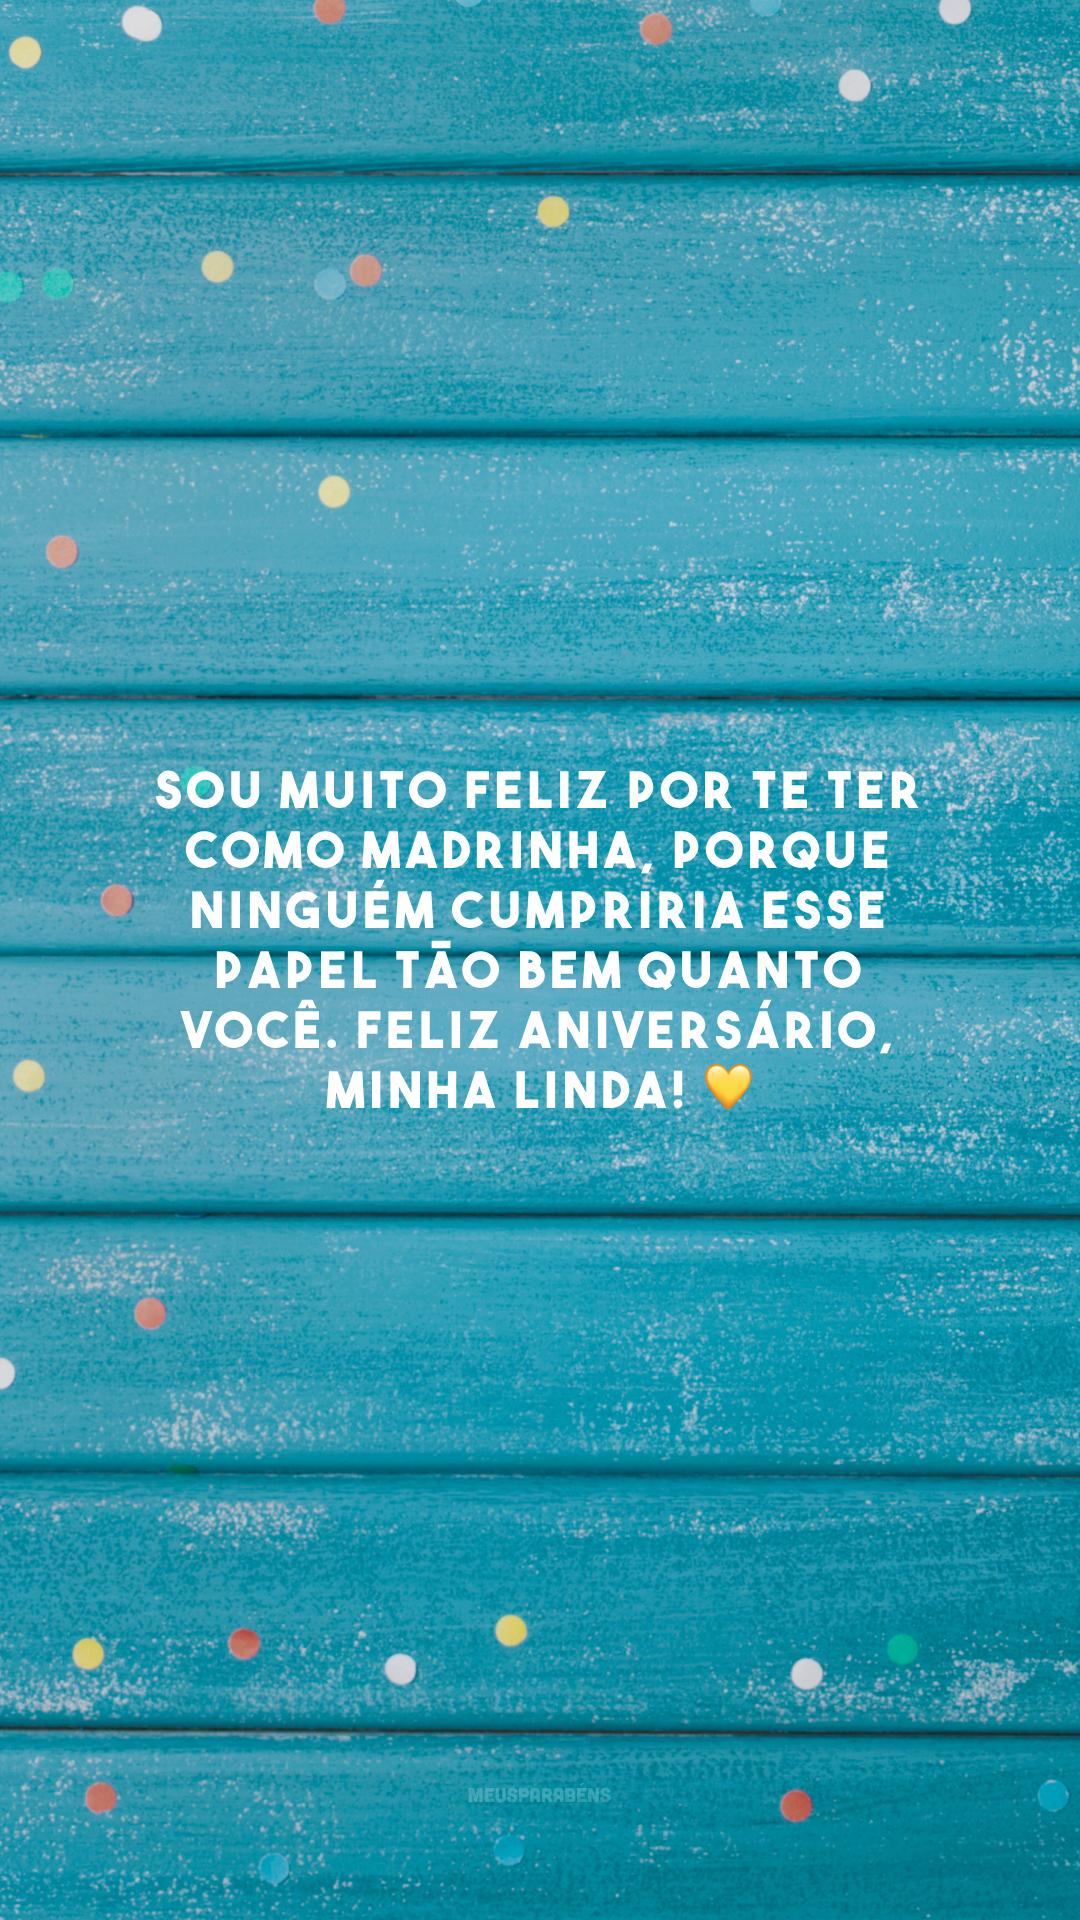 Sou muito feliz por te ter como madrinha, porque ninguém cumpriria esse papel tão bem quanto você. Feliz aniversário, minha linda! 💛